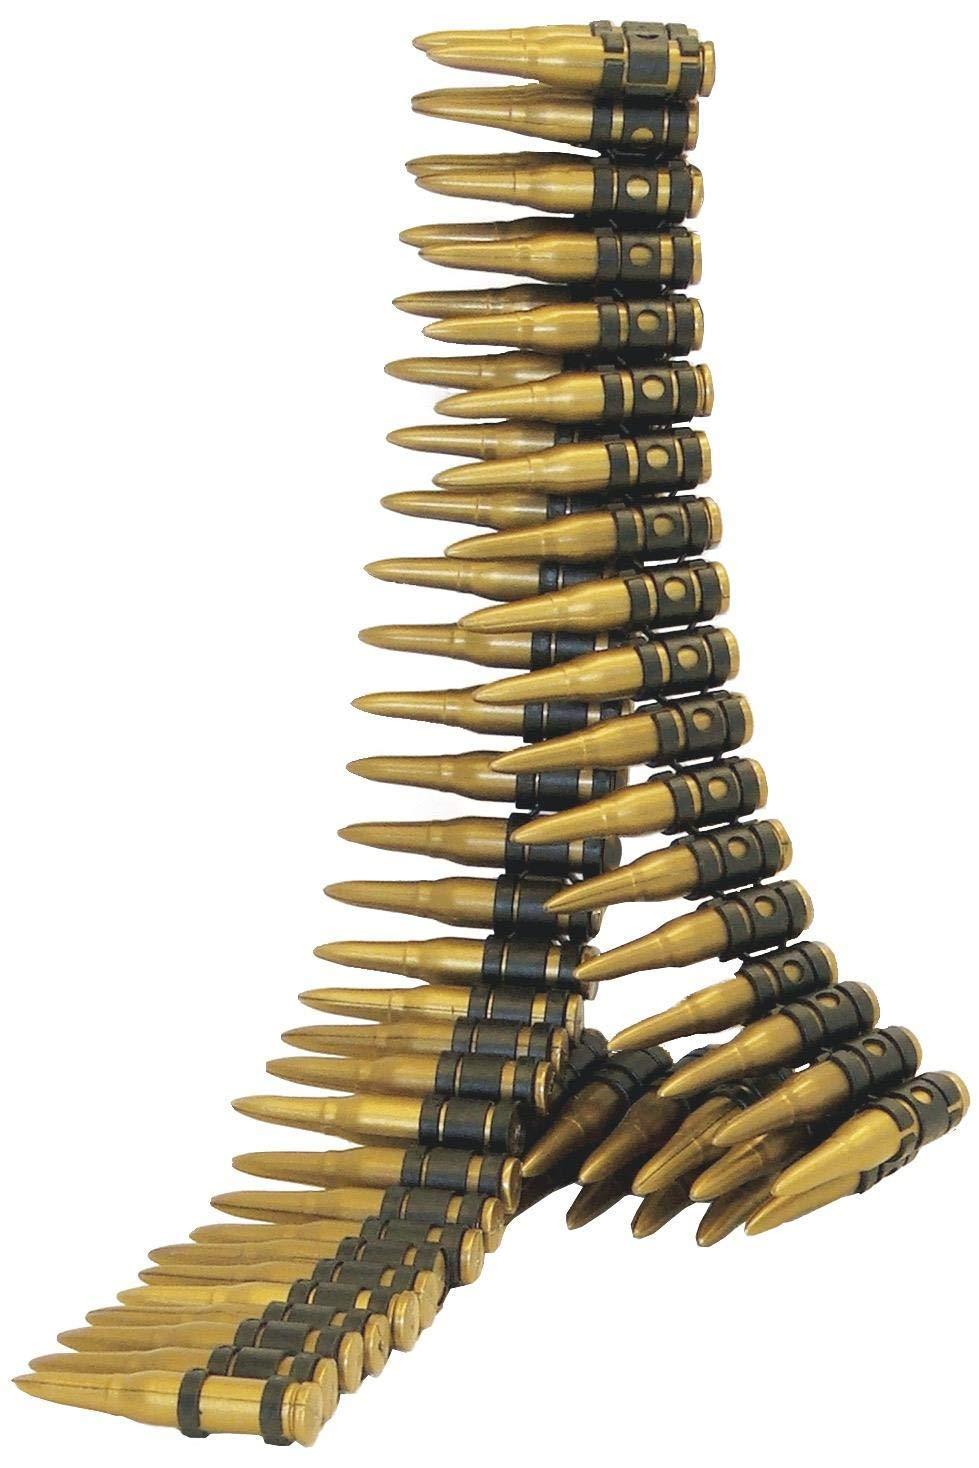 Smiffys Cinturón de balas, dorado, 96 balas, 150 cm largo